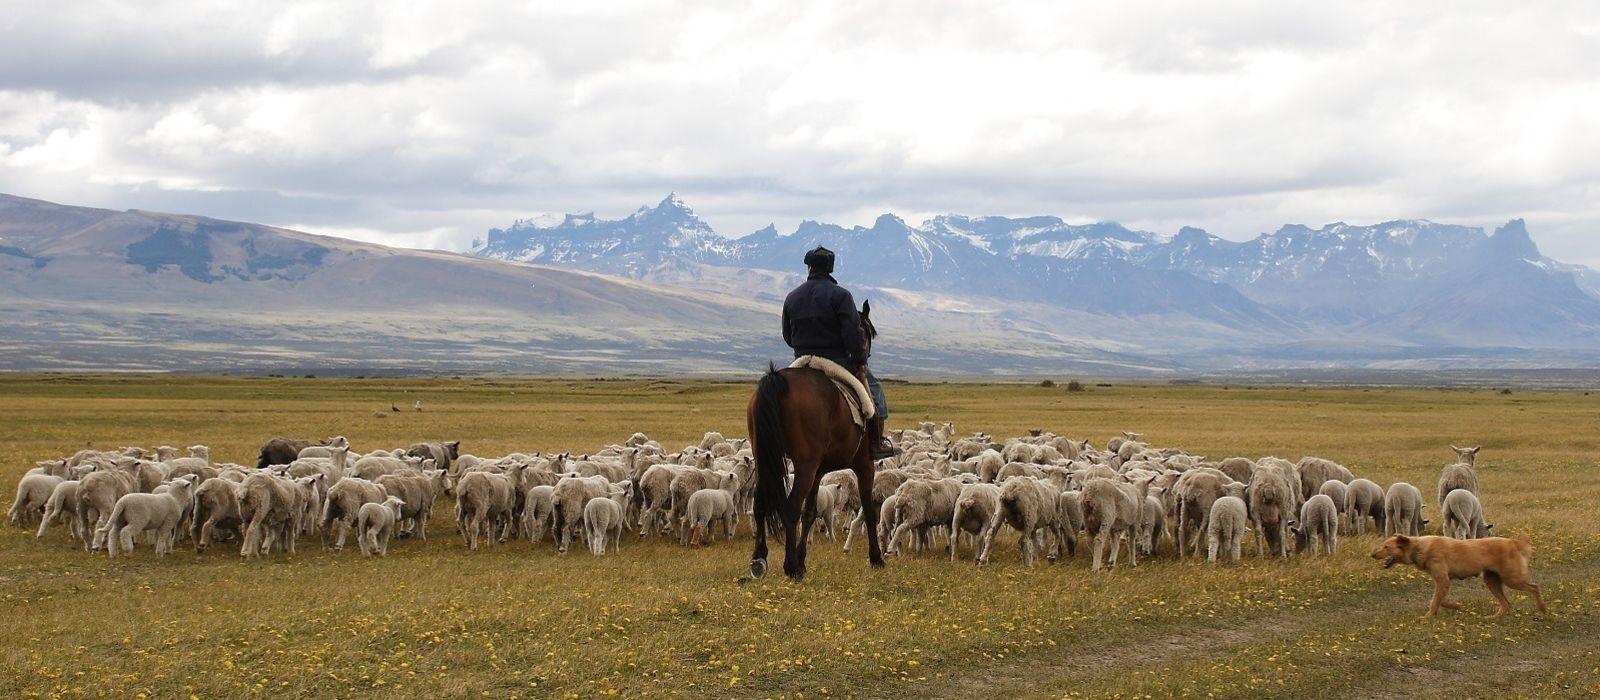 Chile Awasi: Außergewöhnlich mit Awasi Urlaub 6